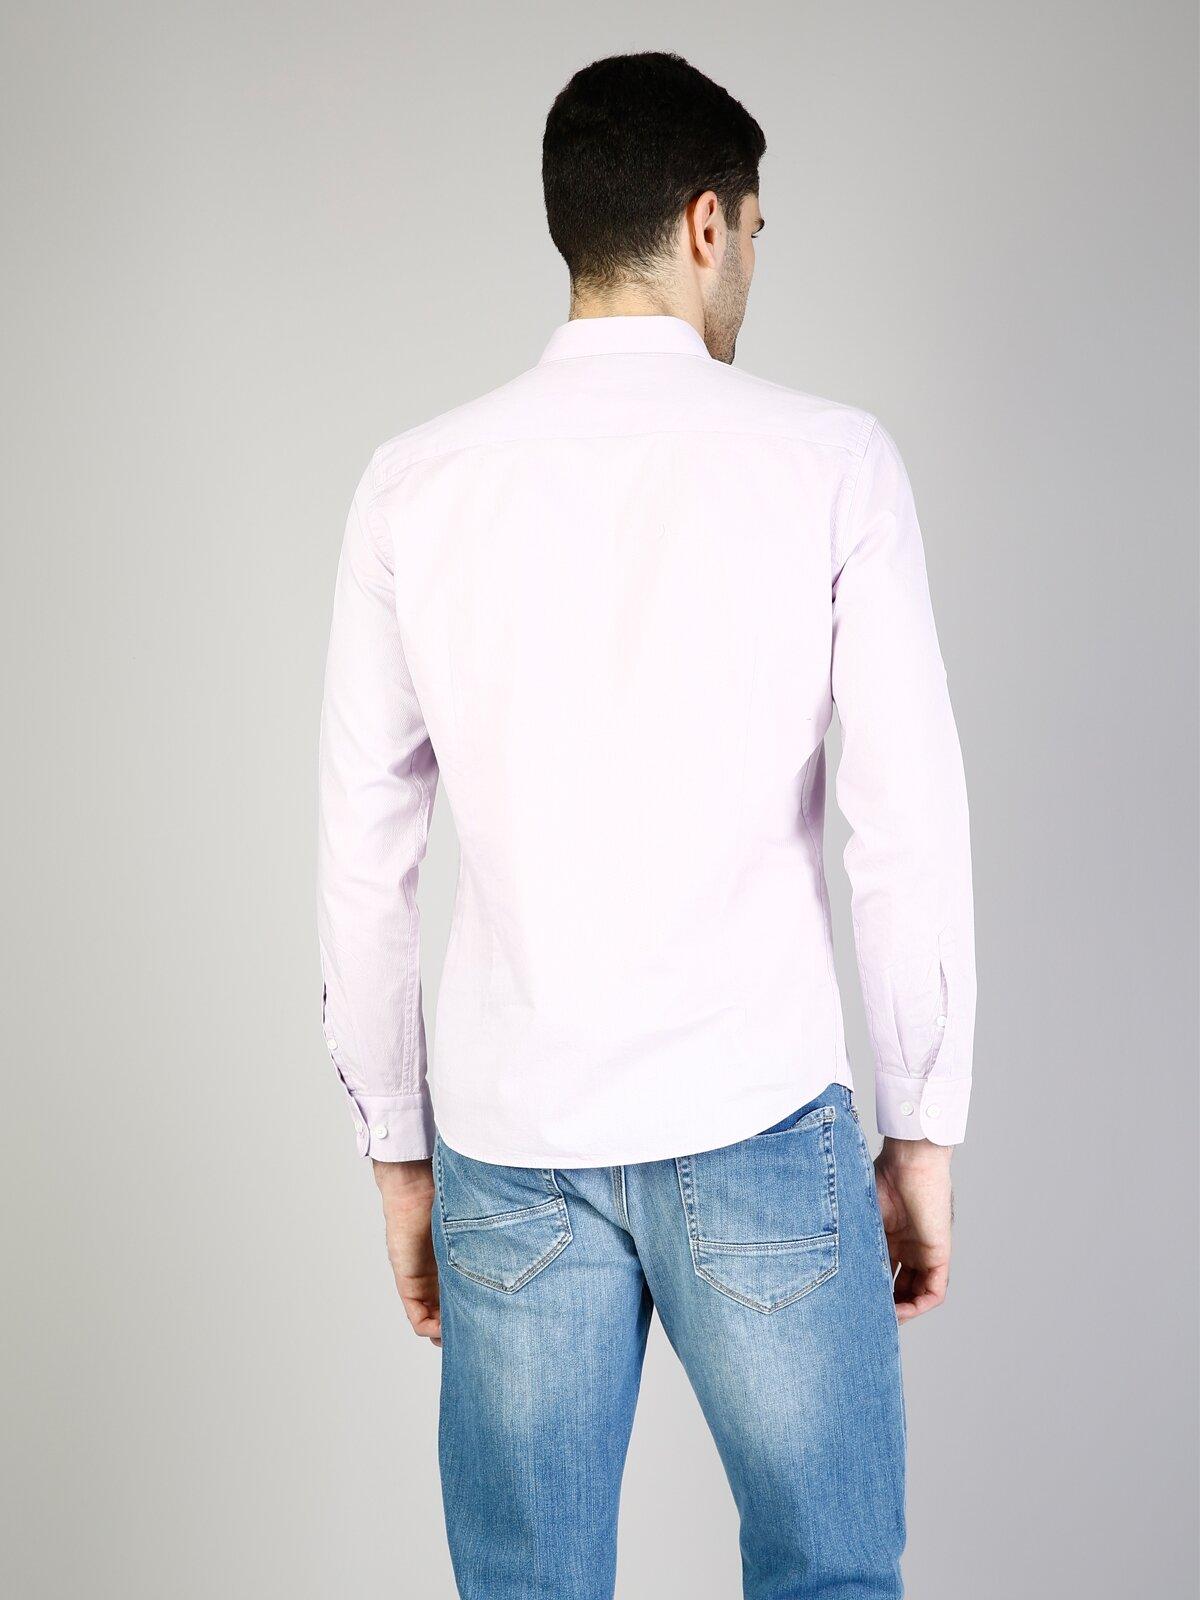 Kol Katlamalı Klasik Yaka Mor Uzun Kol Gömlek